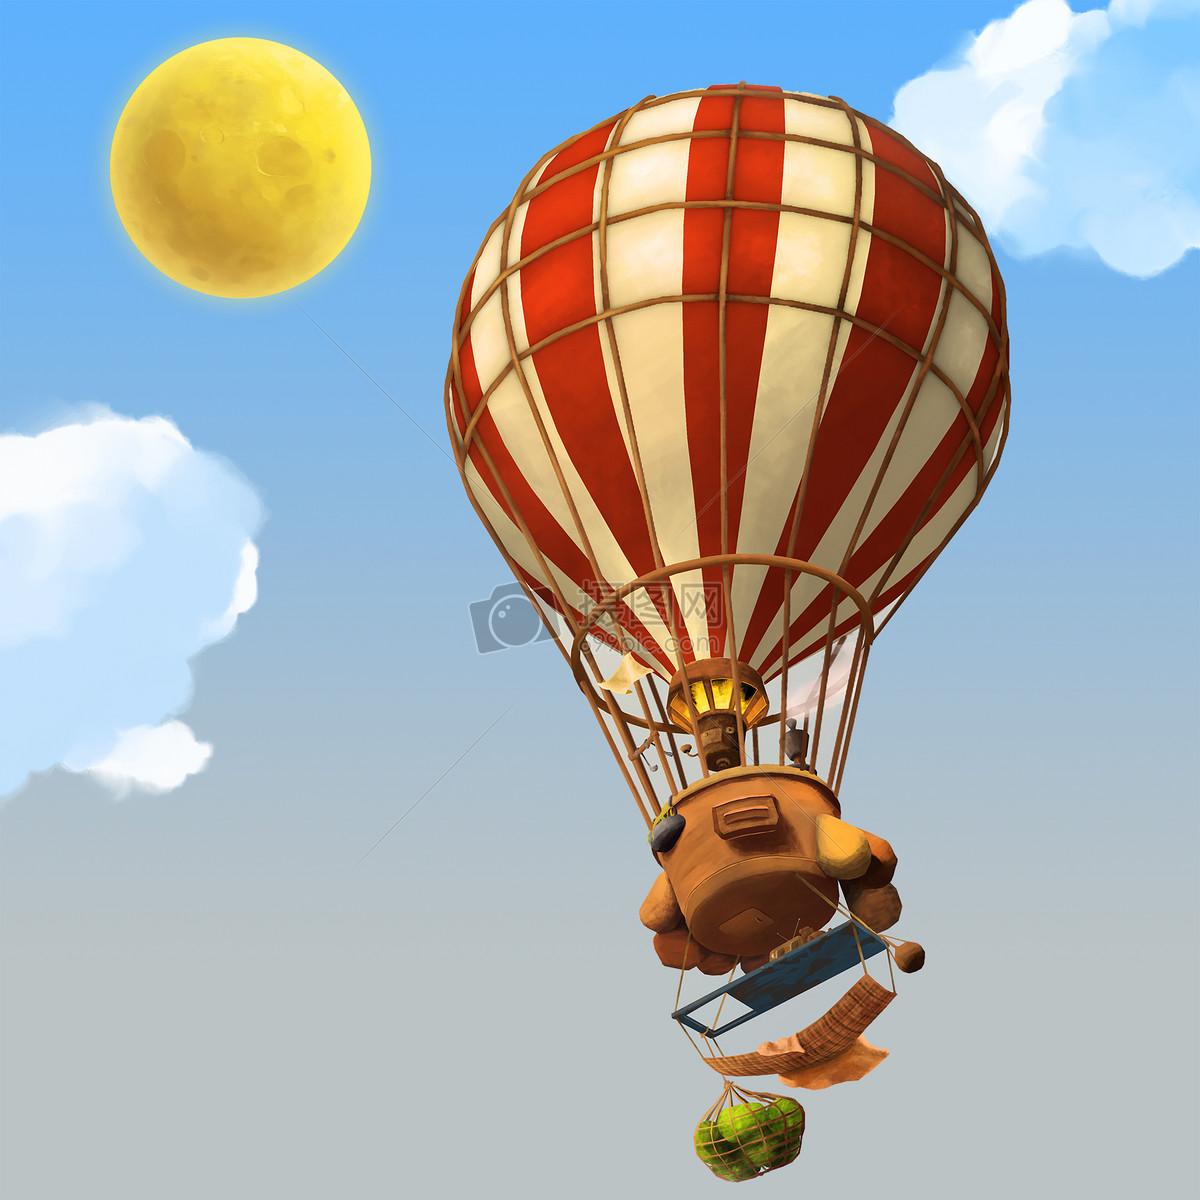 创意手绘-热气球飞行在天空图片素材_免费下载_jpg__.